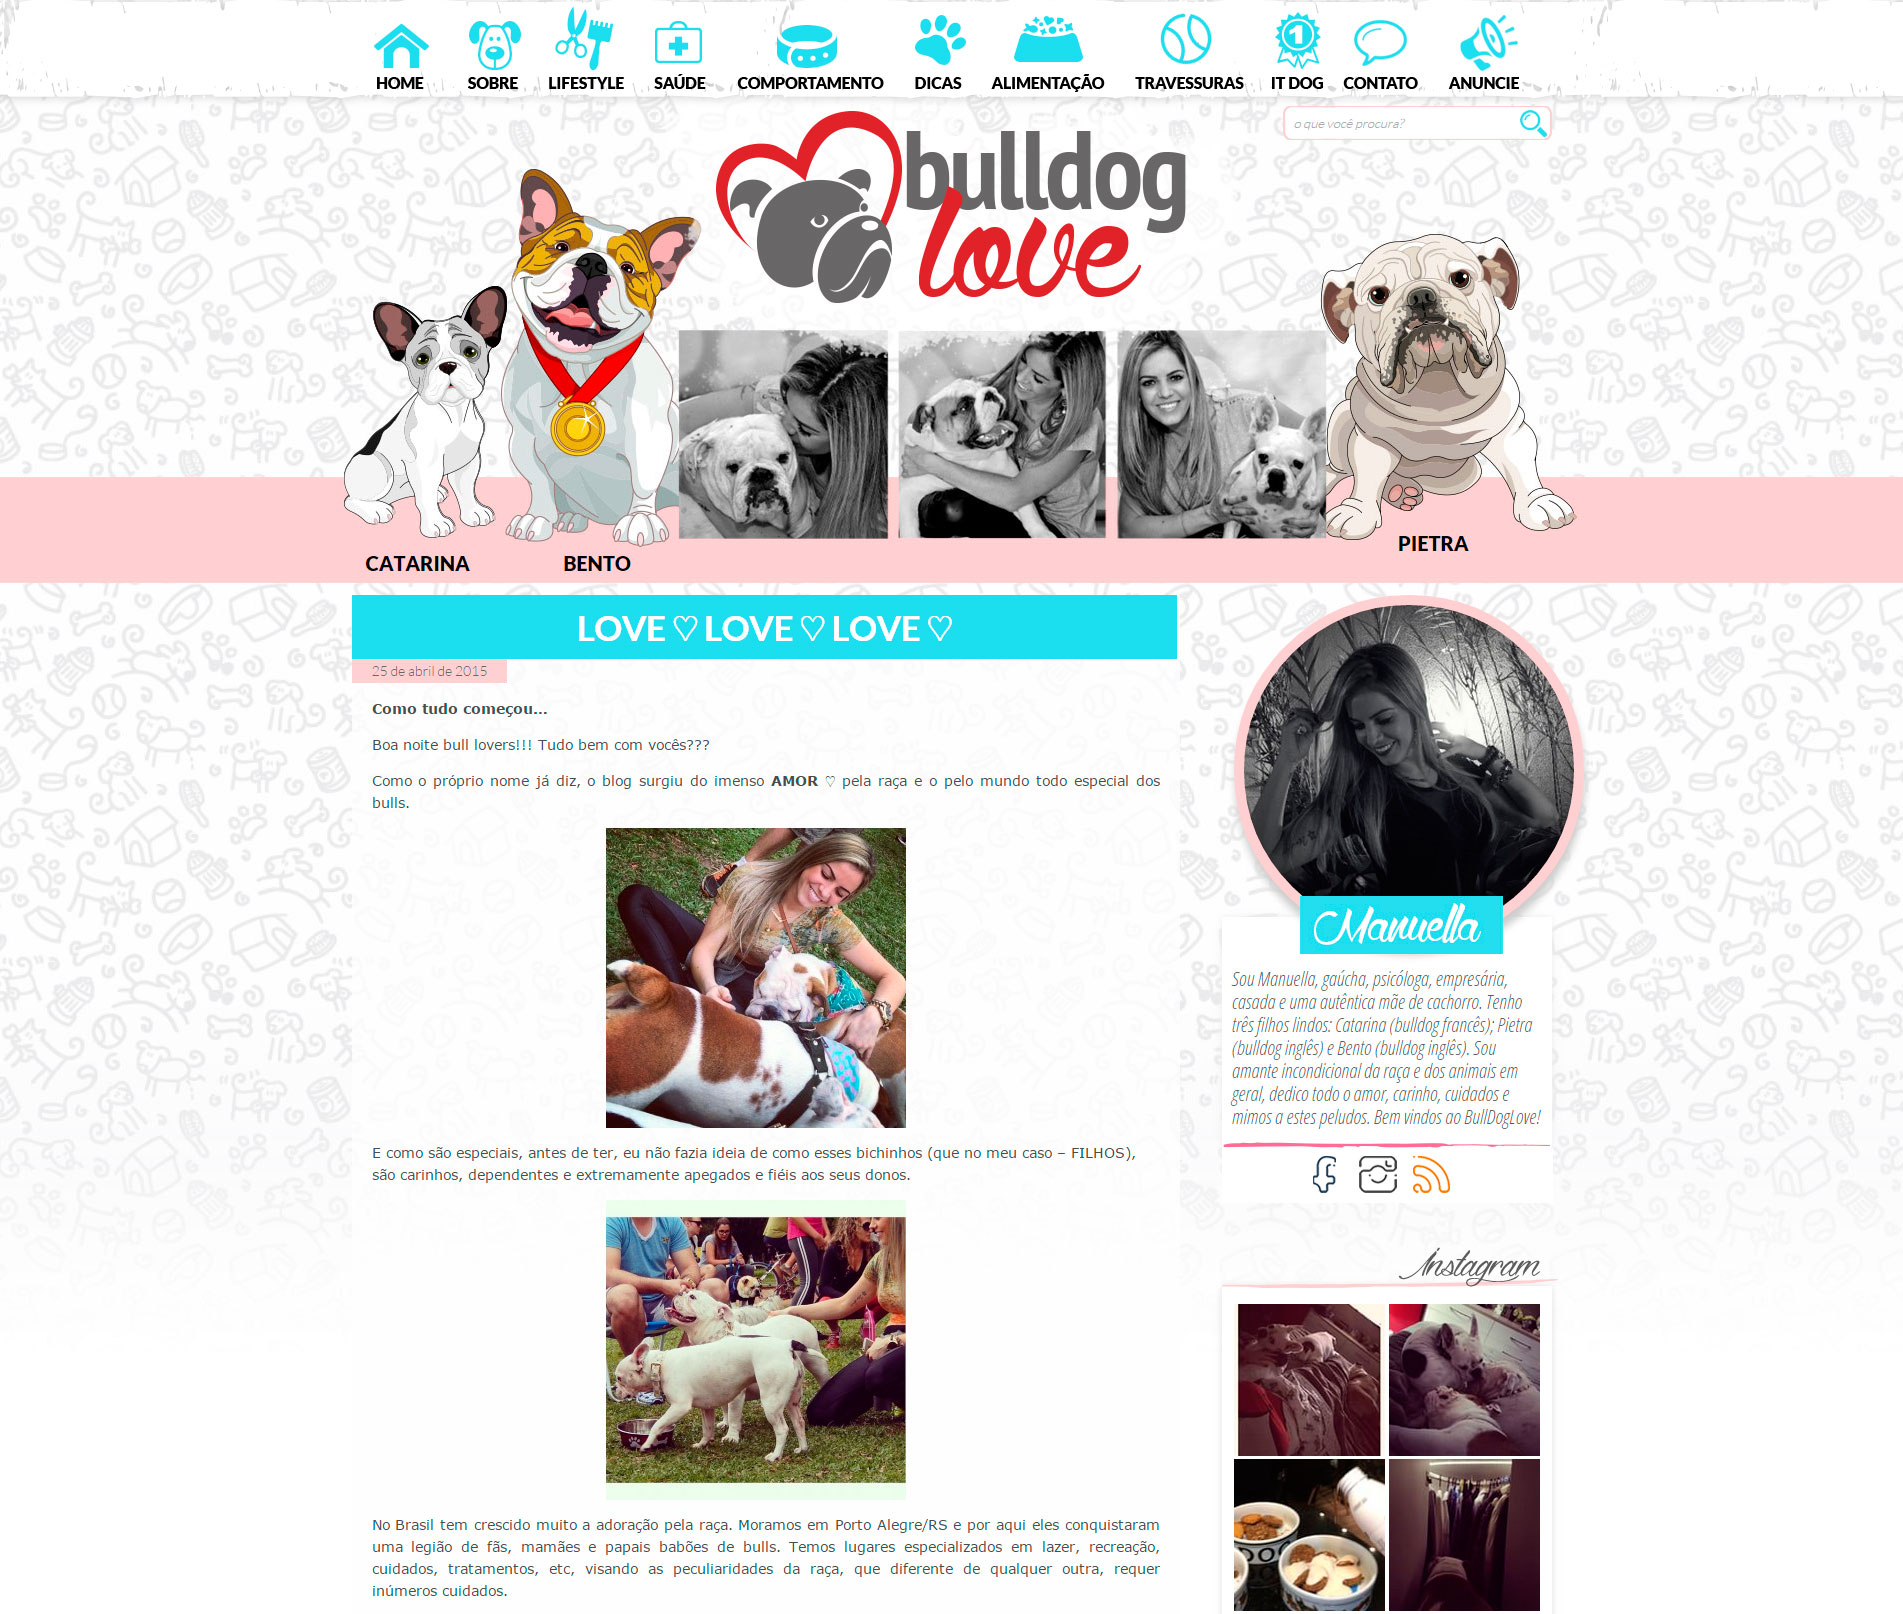 Bulldog-Love